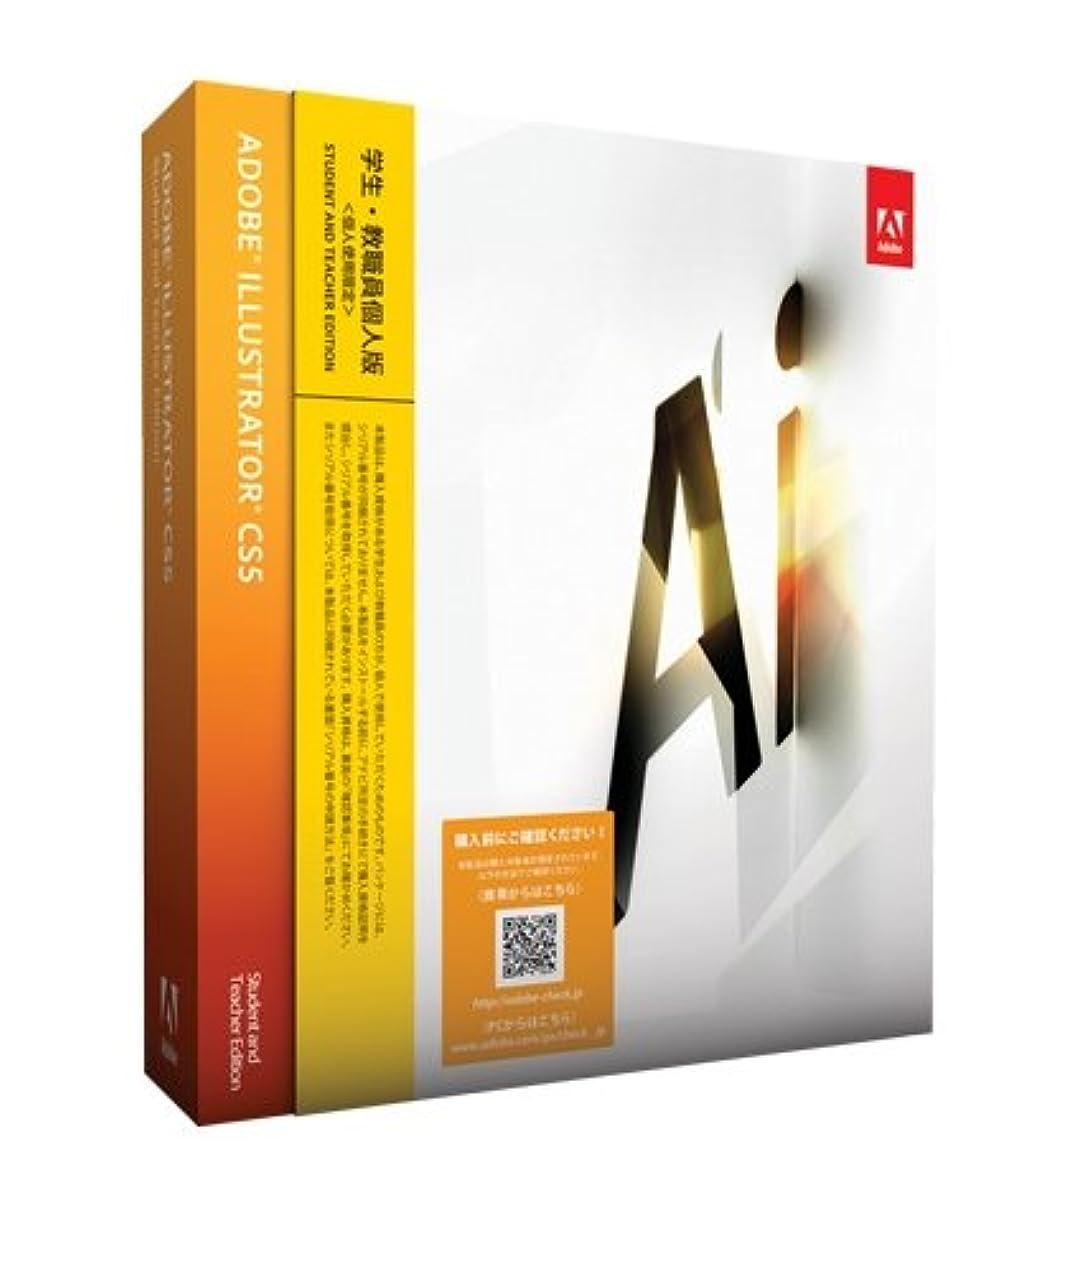 ランプ割り当てるハブ学生?教職員個人版 Adobe Illustrator CS5 Macintosh版 (要シリアル番号申請) (旧価格品)